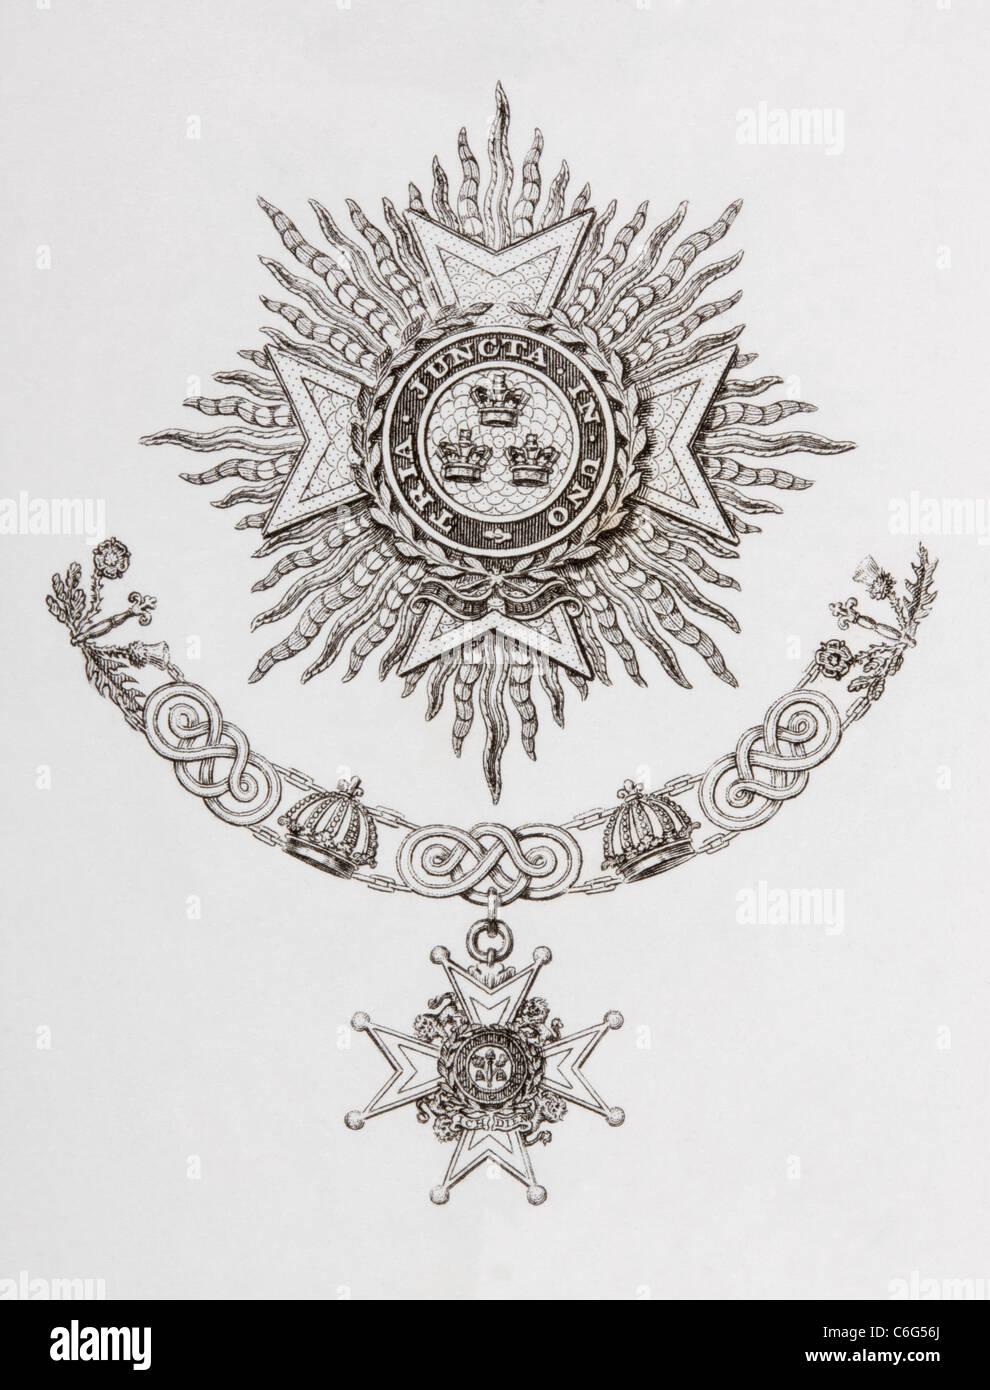 Star, il collare e il distintivo di un militare di Cavaliere di Gran Croce dell'ordine del bagno. Immagini Stock